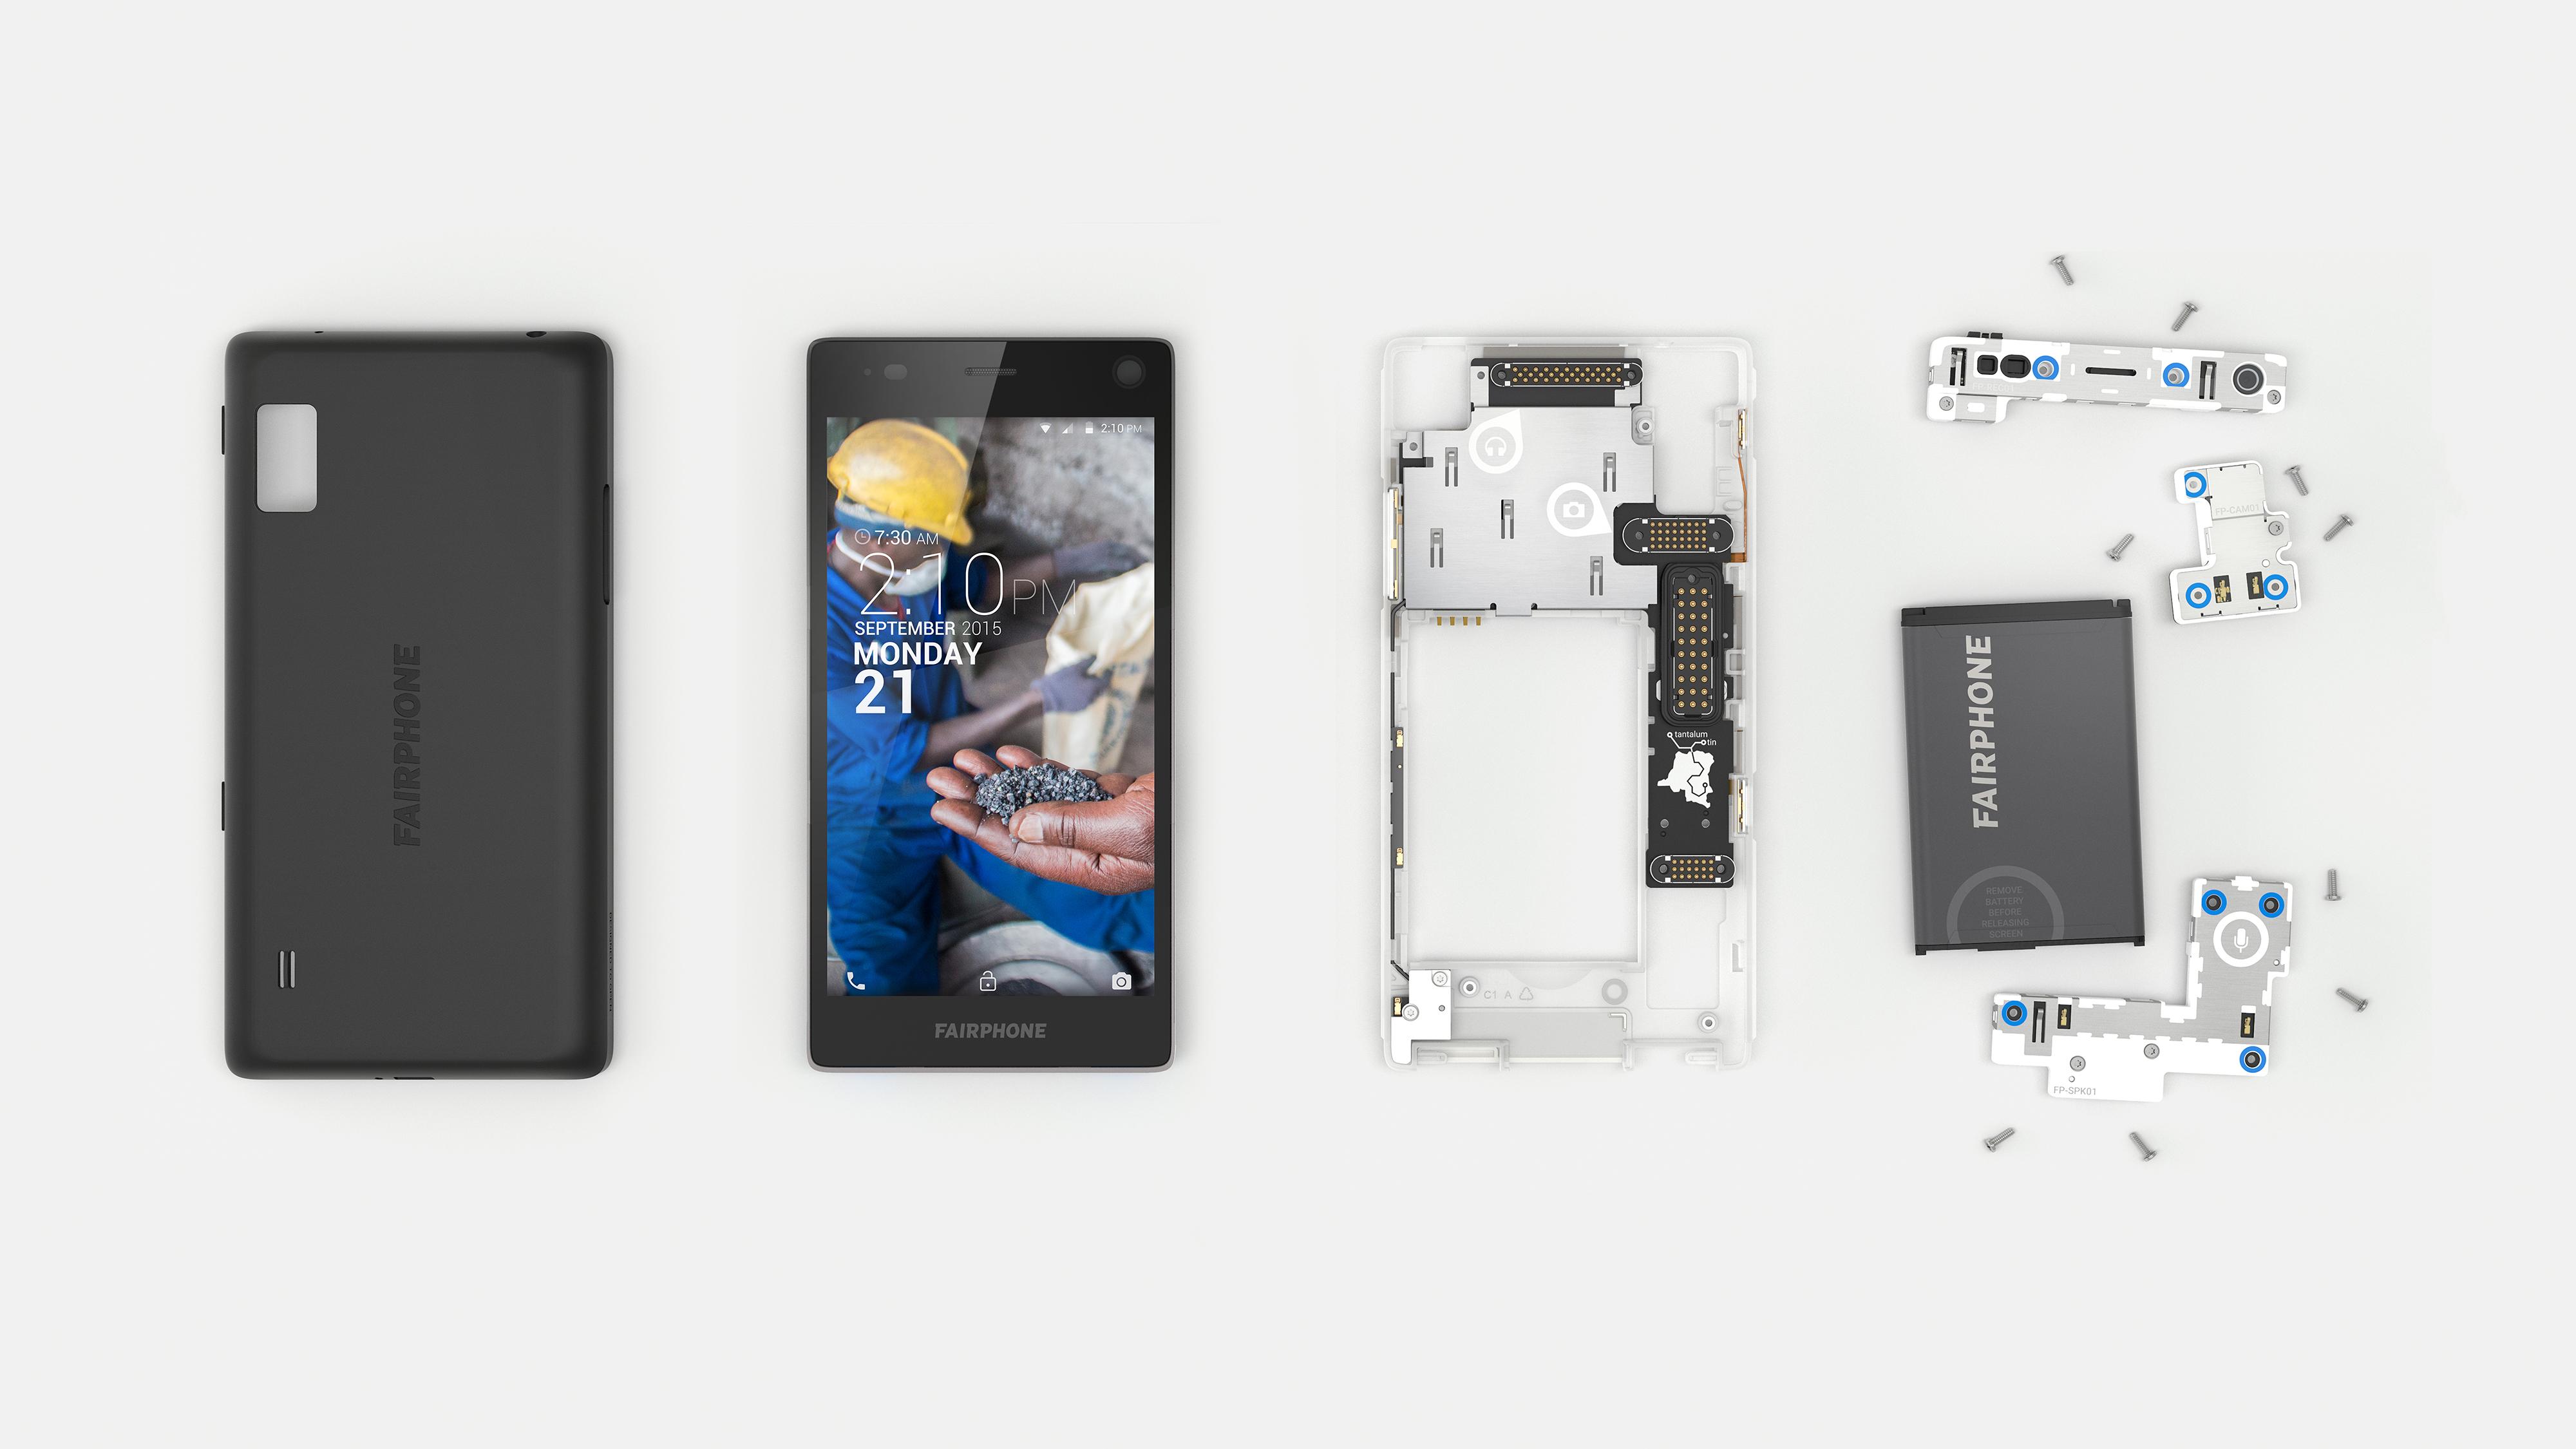 Exclusif : le futur Fairphone 3, plus compétitif, se dévoile - FrAndroid